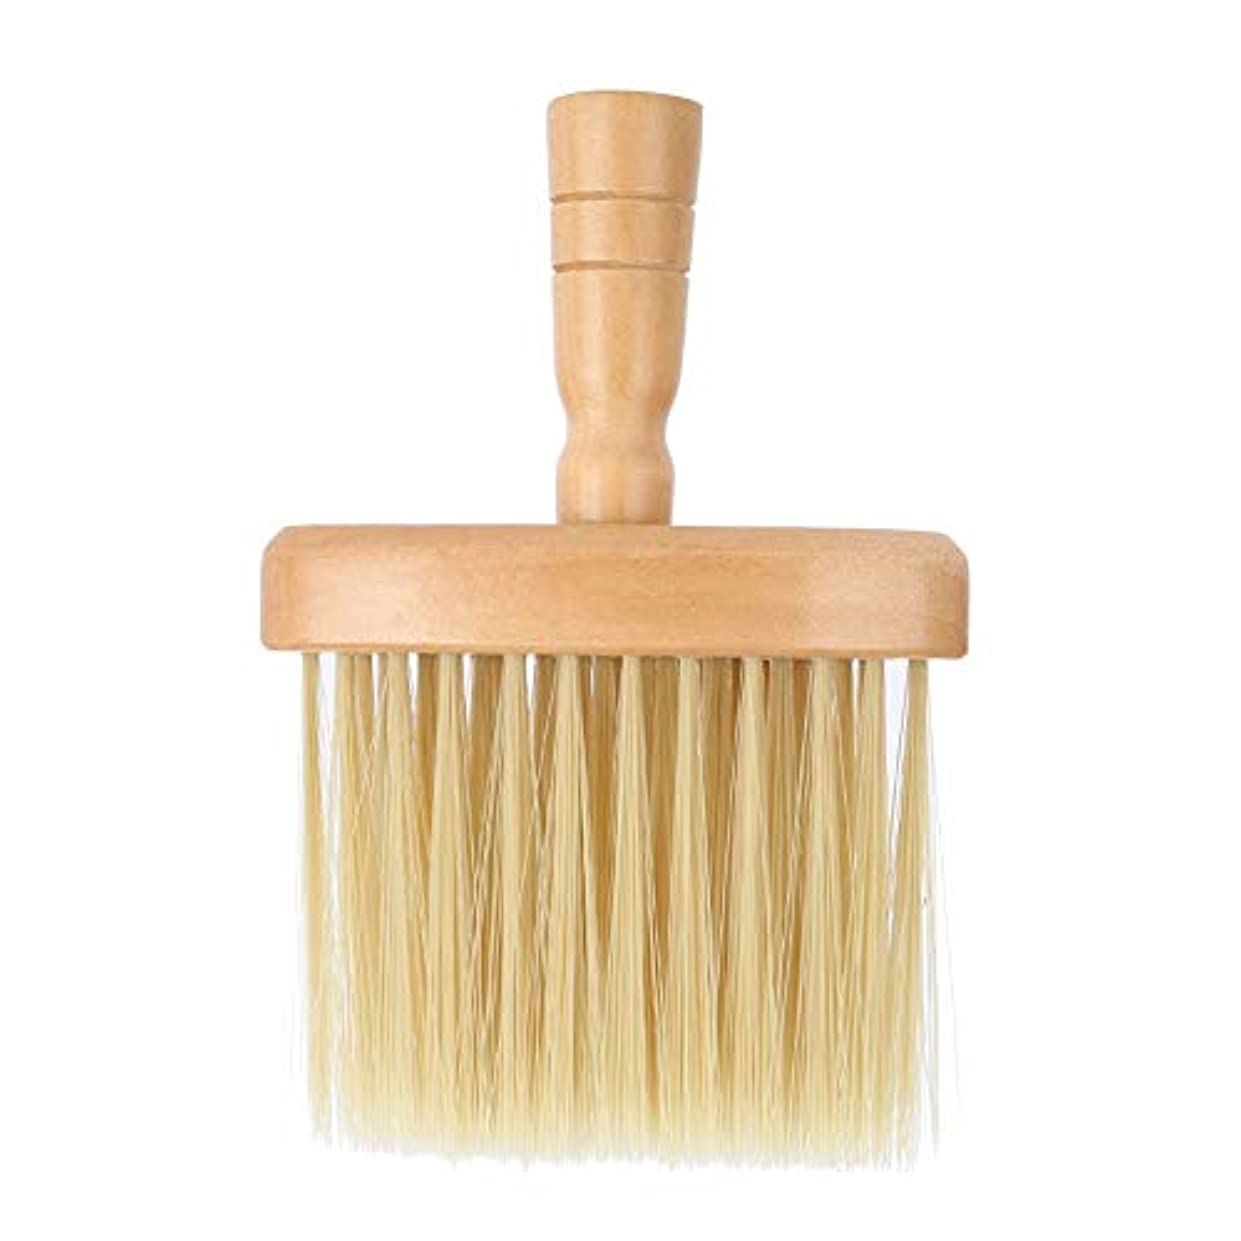 ストライプ節約する行為ヘアカットブラシネックフェイスダスターブラシサロンヘアクリーニング木製掃除ブラシヘアカット理髪ツール